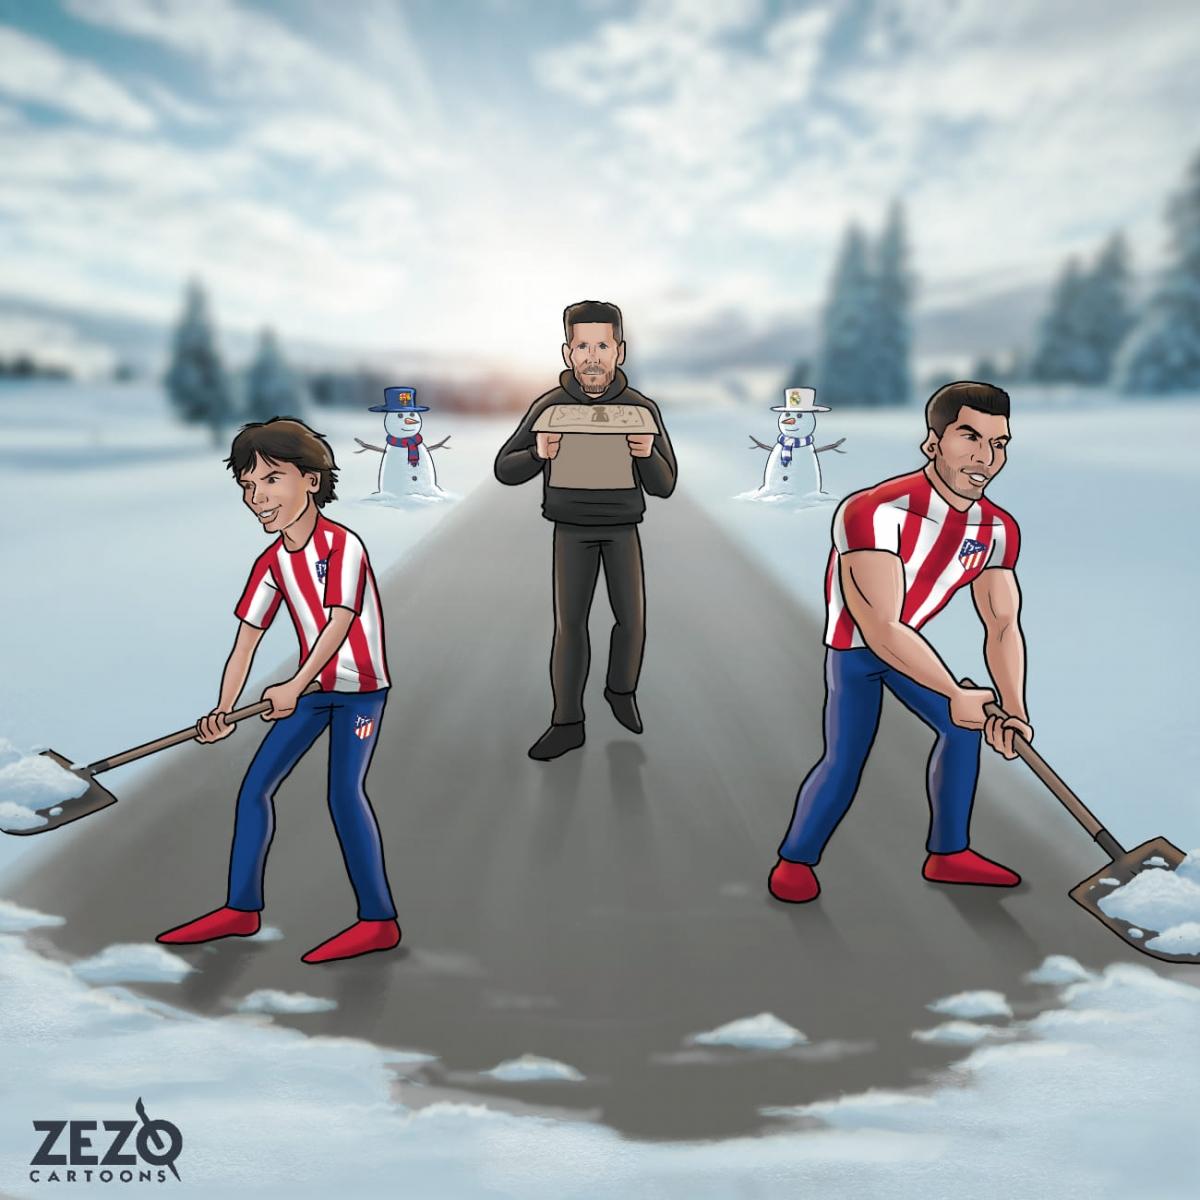 """HLV Simeone cùng bộ đôi Felix - Suarez """"phá băng"""" giúp Atletico Madrid vững vàng trên đỉnh BXH La Liga (Ảnh: Zezo Cartoons)./."""